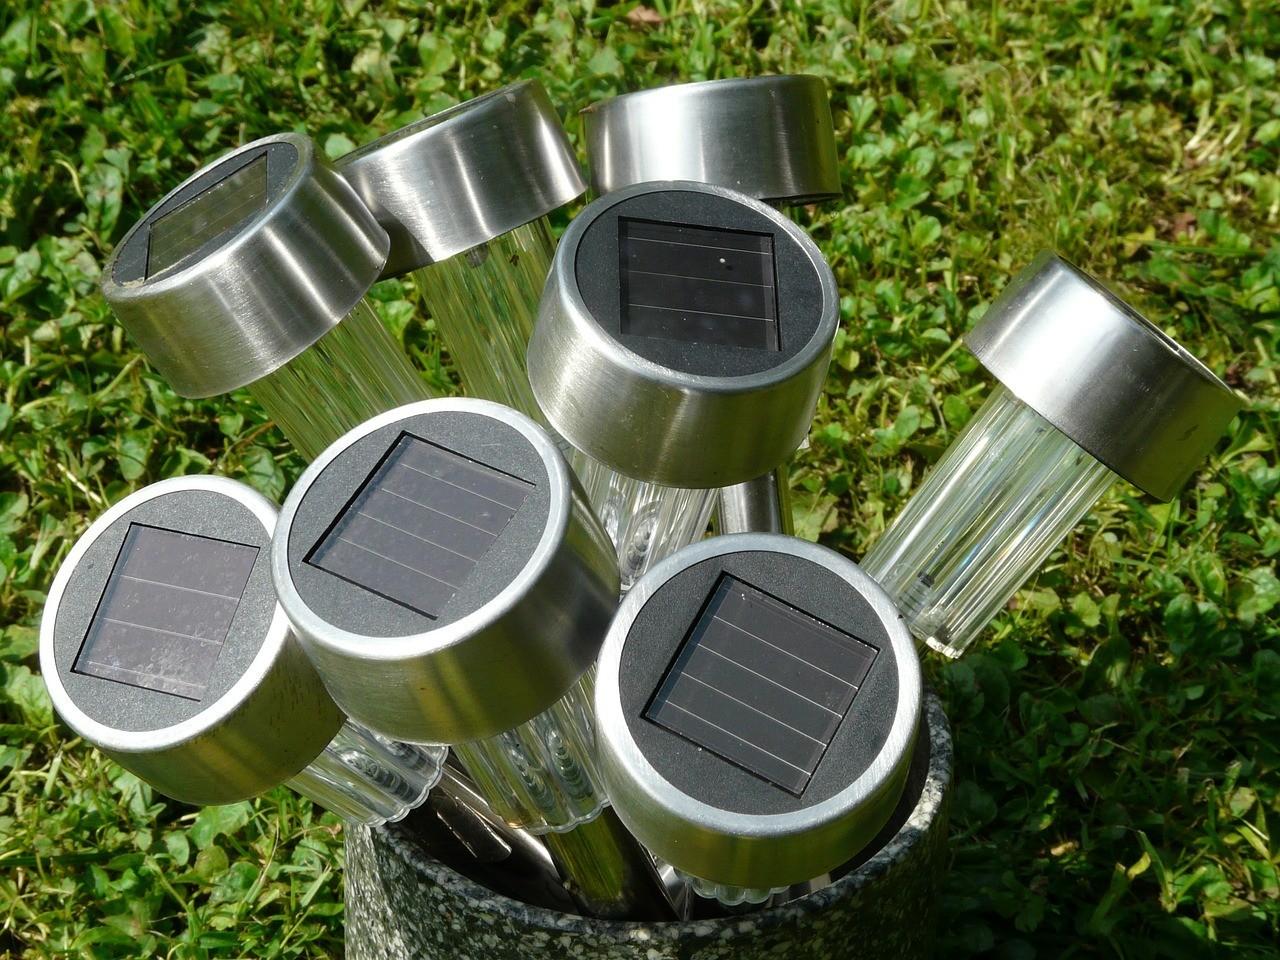 Lámparas solares para el jardín 1